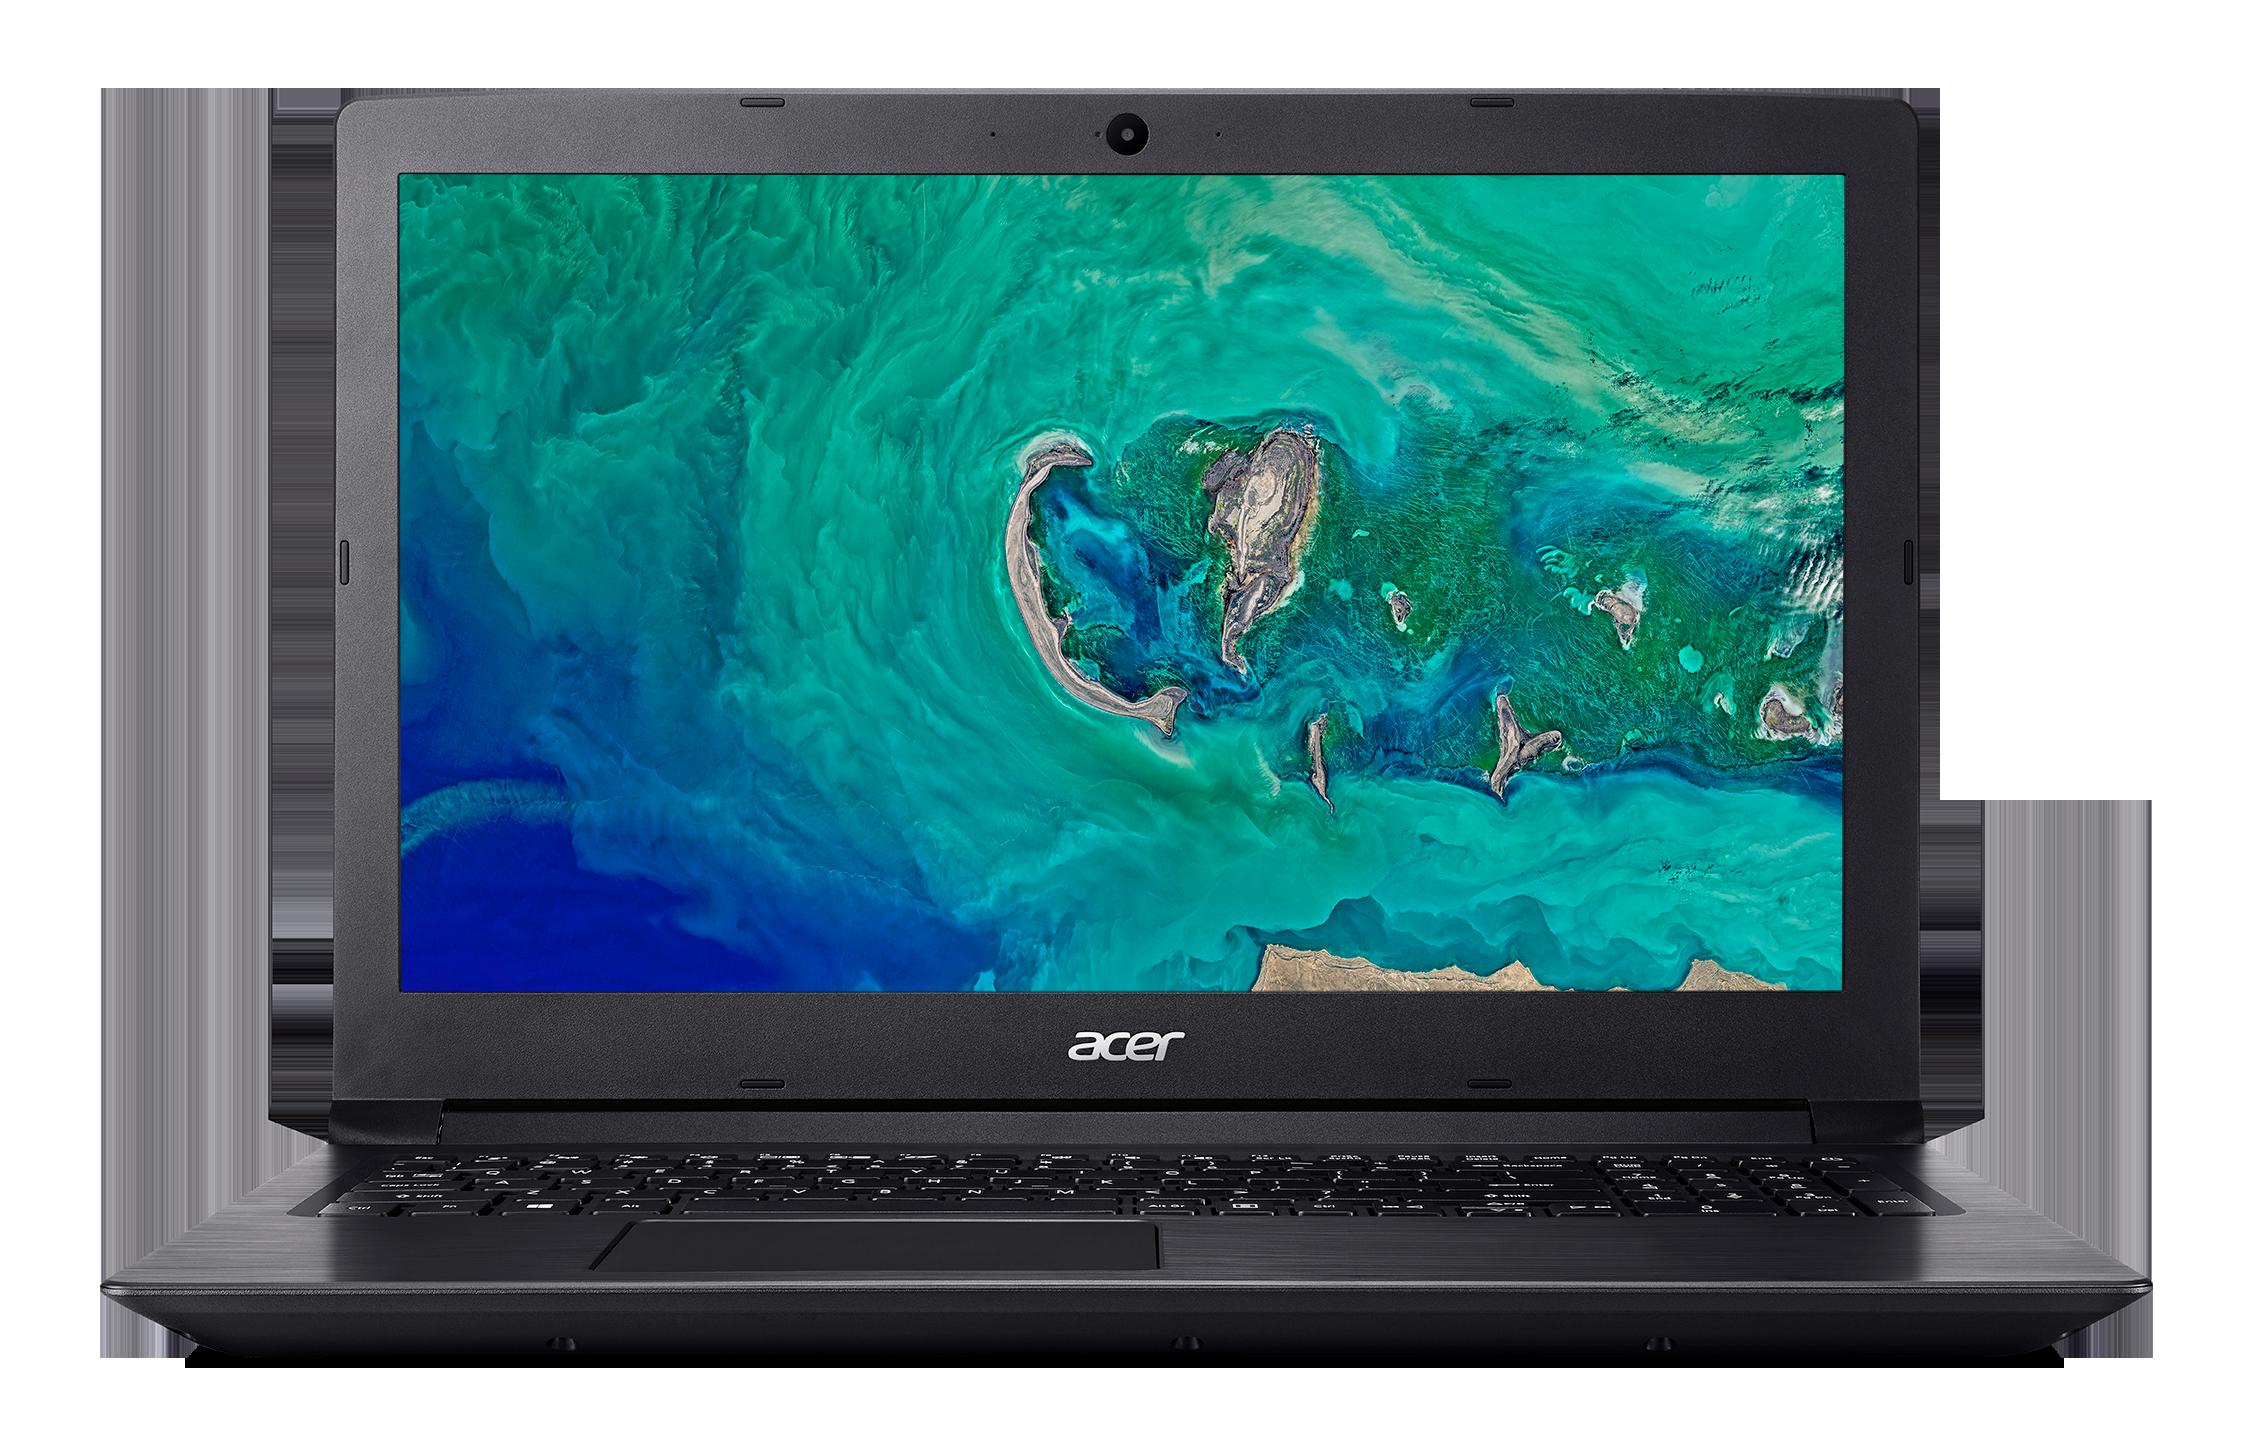 Ноутбук Acer Aspire 3 A315-41-R2K1 (NX.GY9EU.060) черный, Черный, Китай  - купить со скидкой